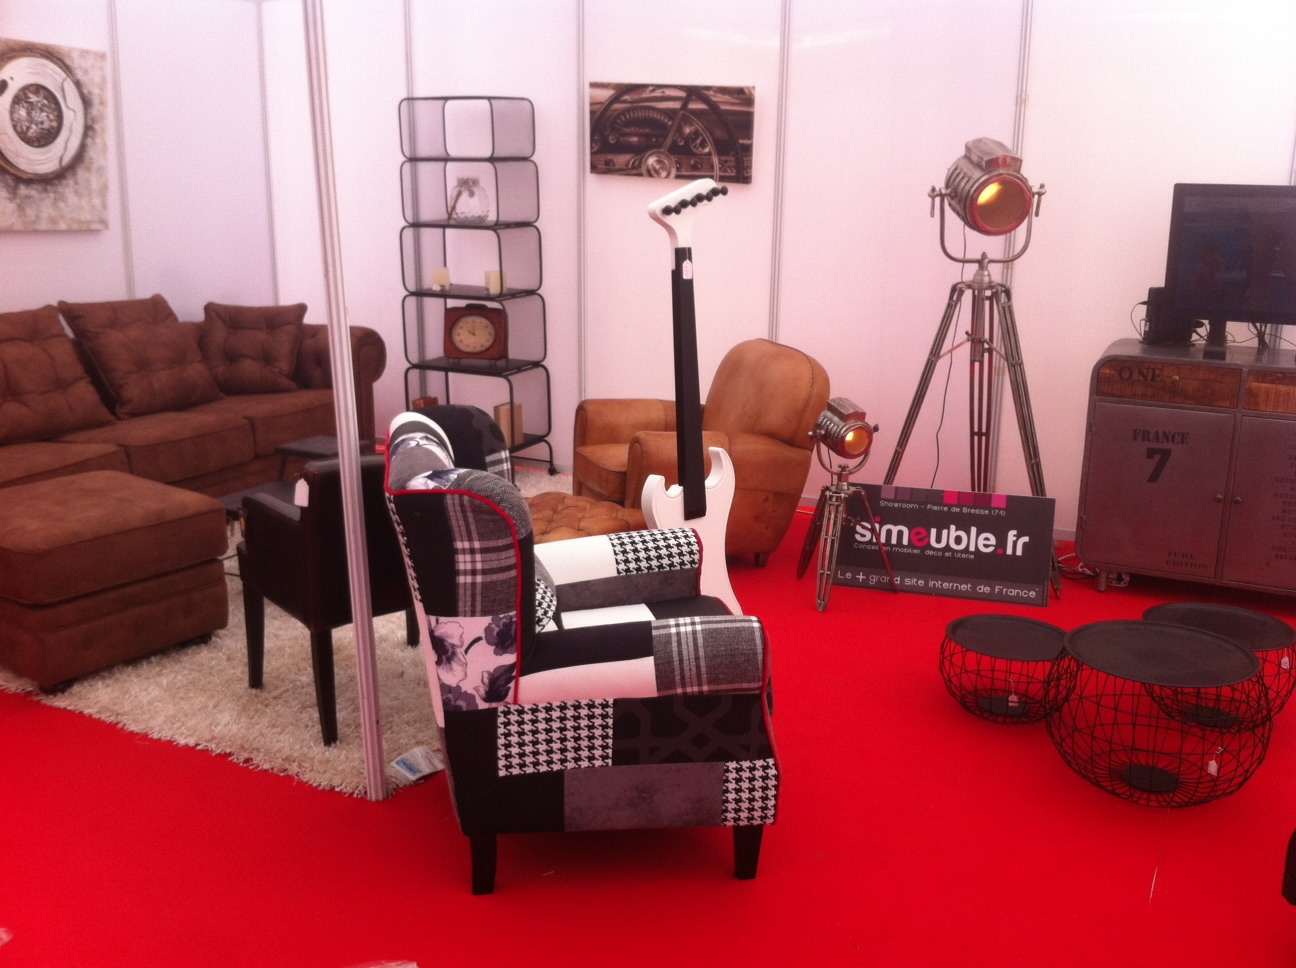 gagnants du salon de l 39 habitat de lons le saunier le blog d co simeuble le blog d co simeuble. Black Bedroom Furniture Sets. Home Design Ideas